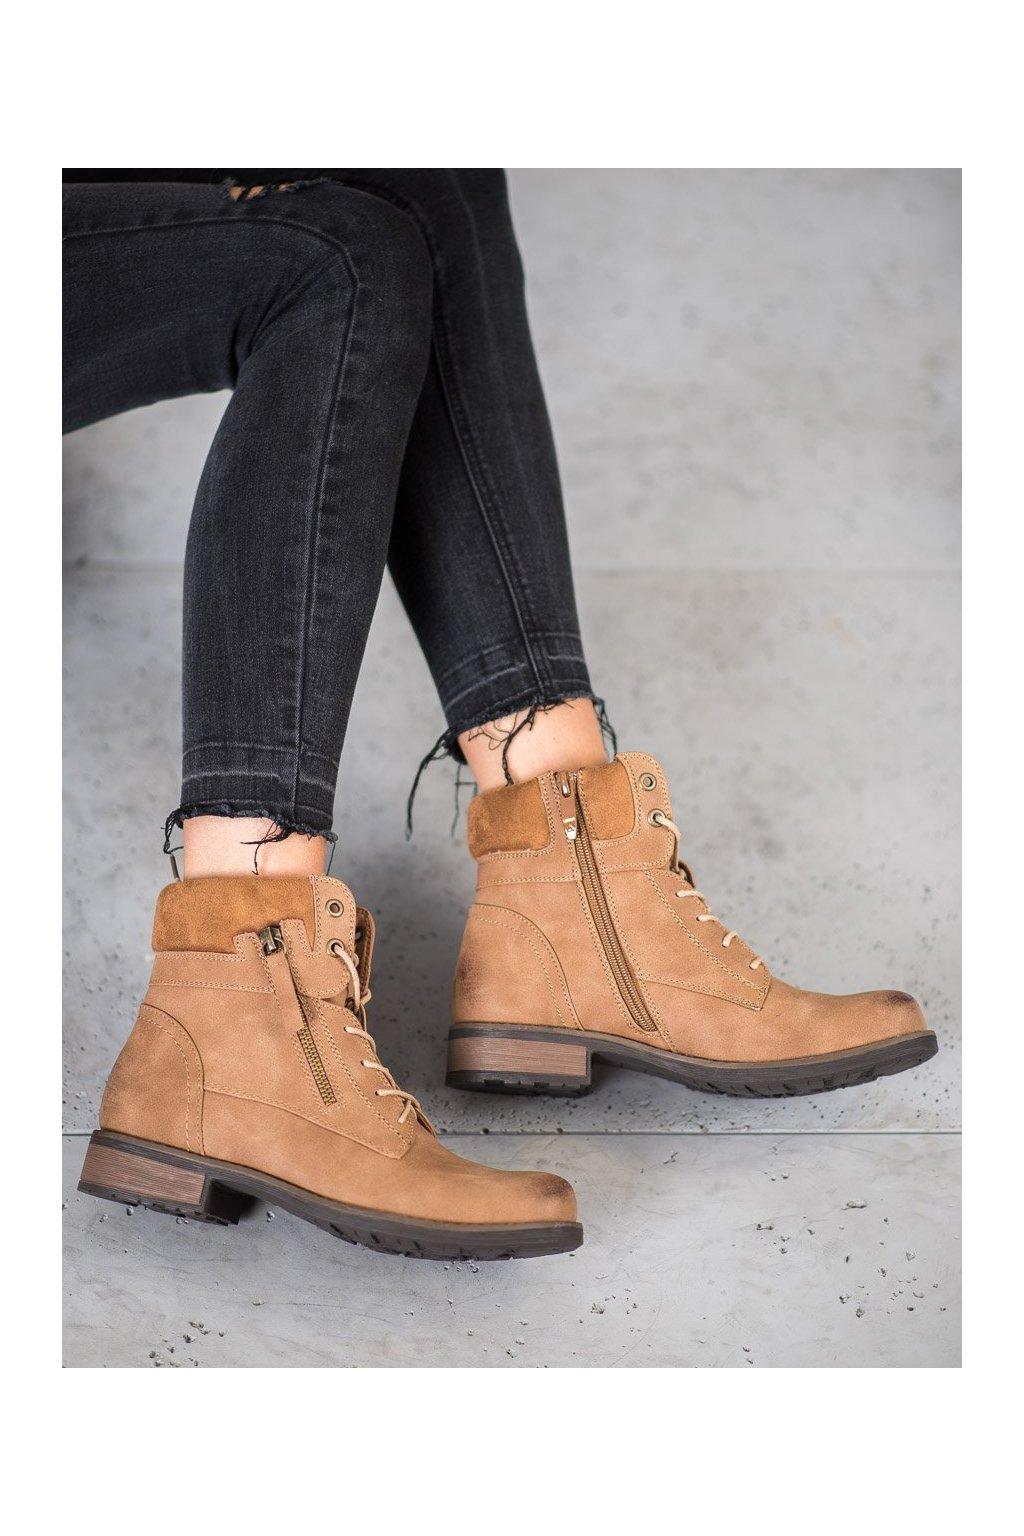 Hnedé dámske topánky na plochom podpätku Goodin kod GD-WL-09C